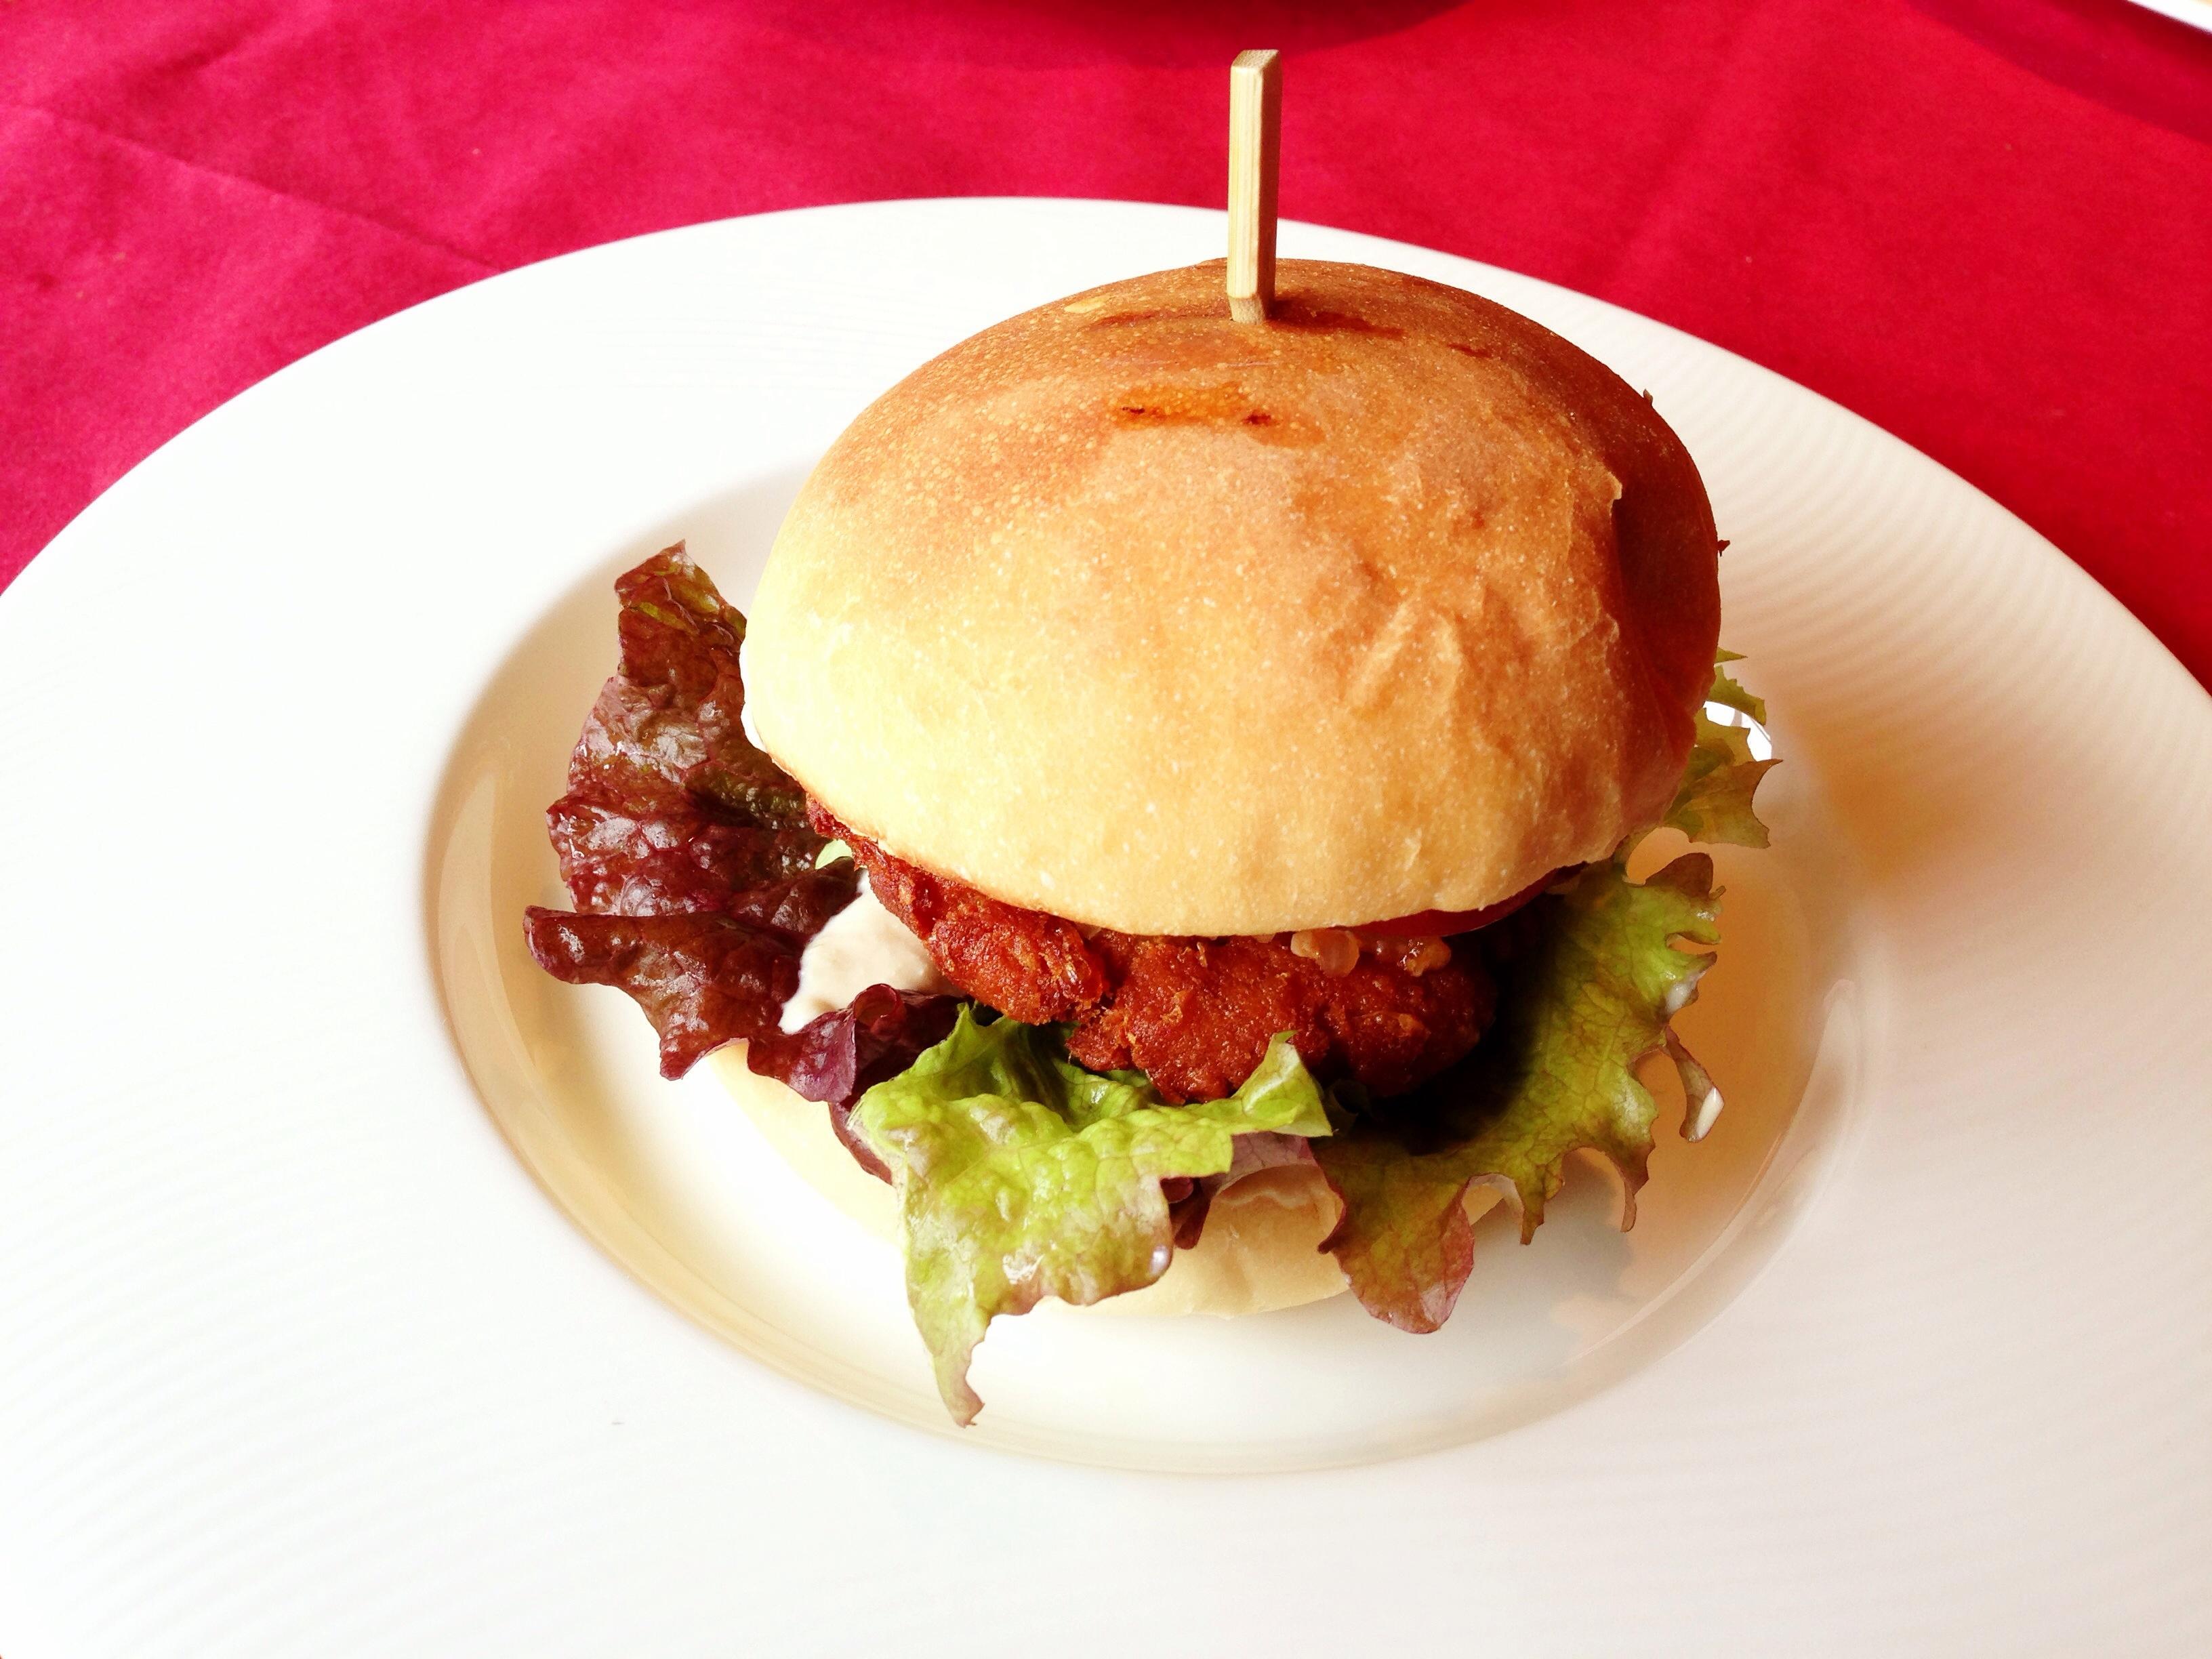 【糸島】必ず食べるべし!伊都安蔵里の「安蔵里かふぇ」で食べた、無農薬野菜と大豆パテを使った「安蔵里バーガー」が絶品だった!